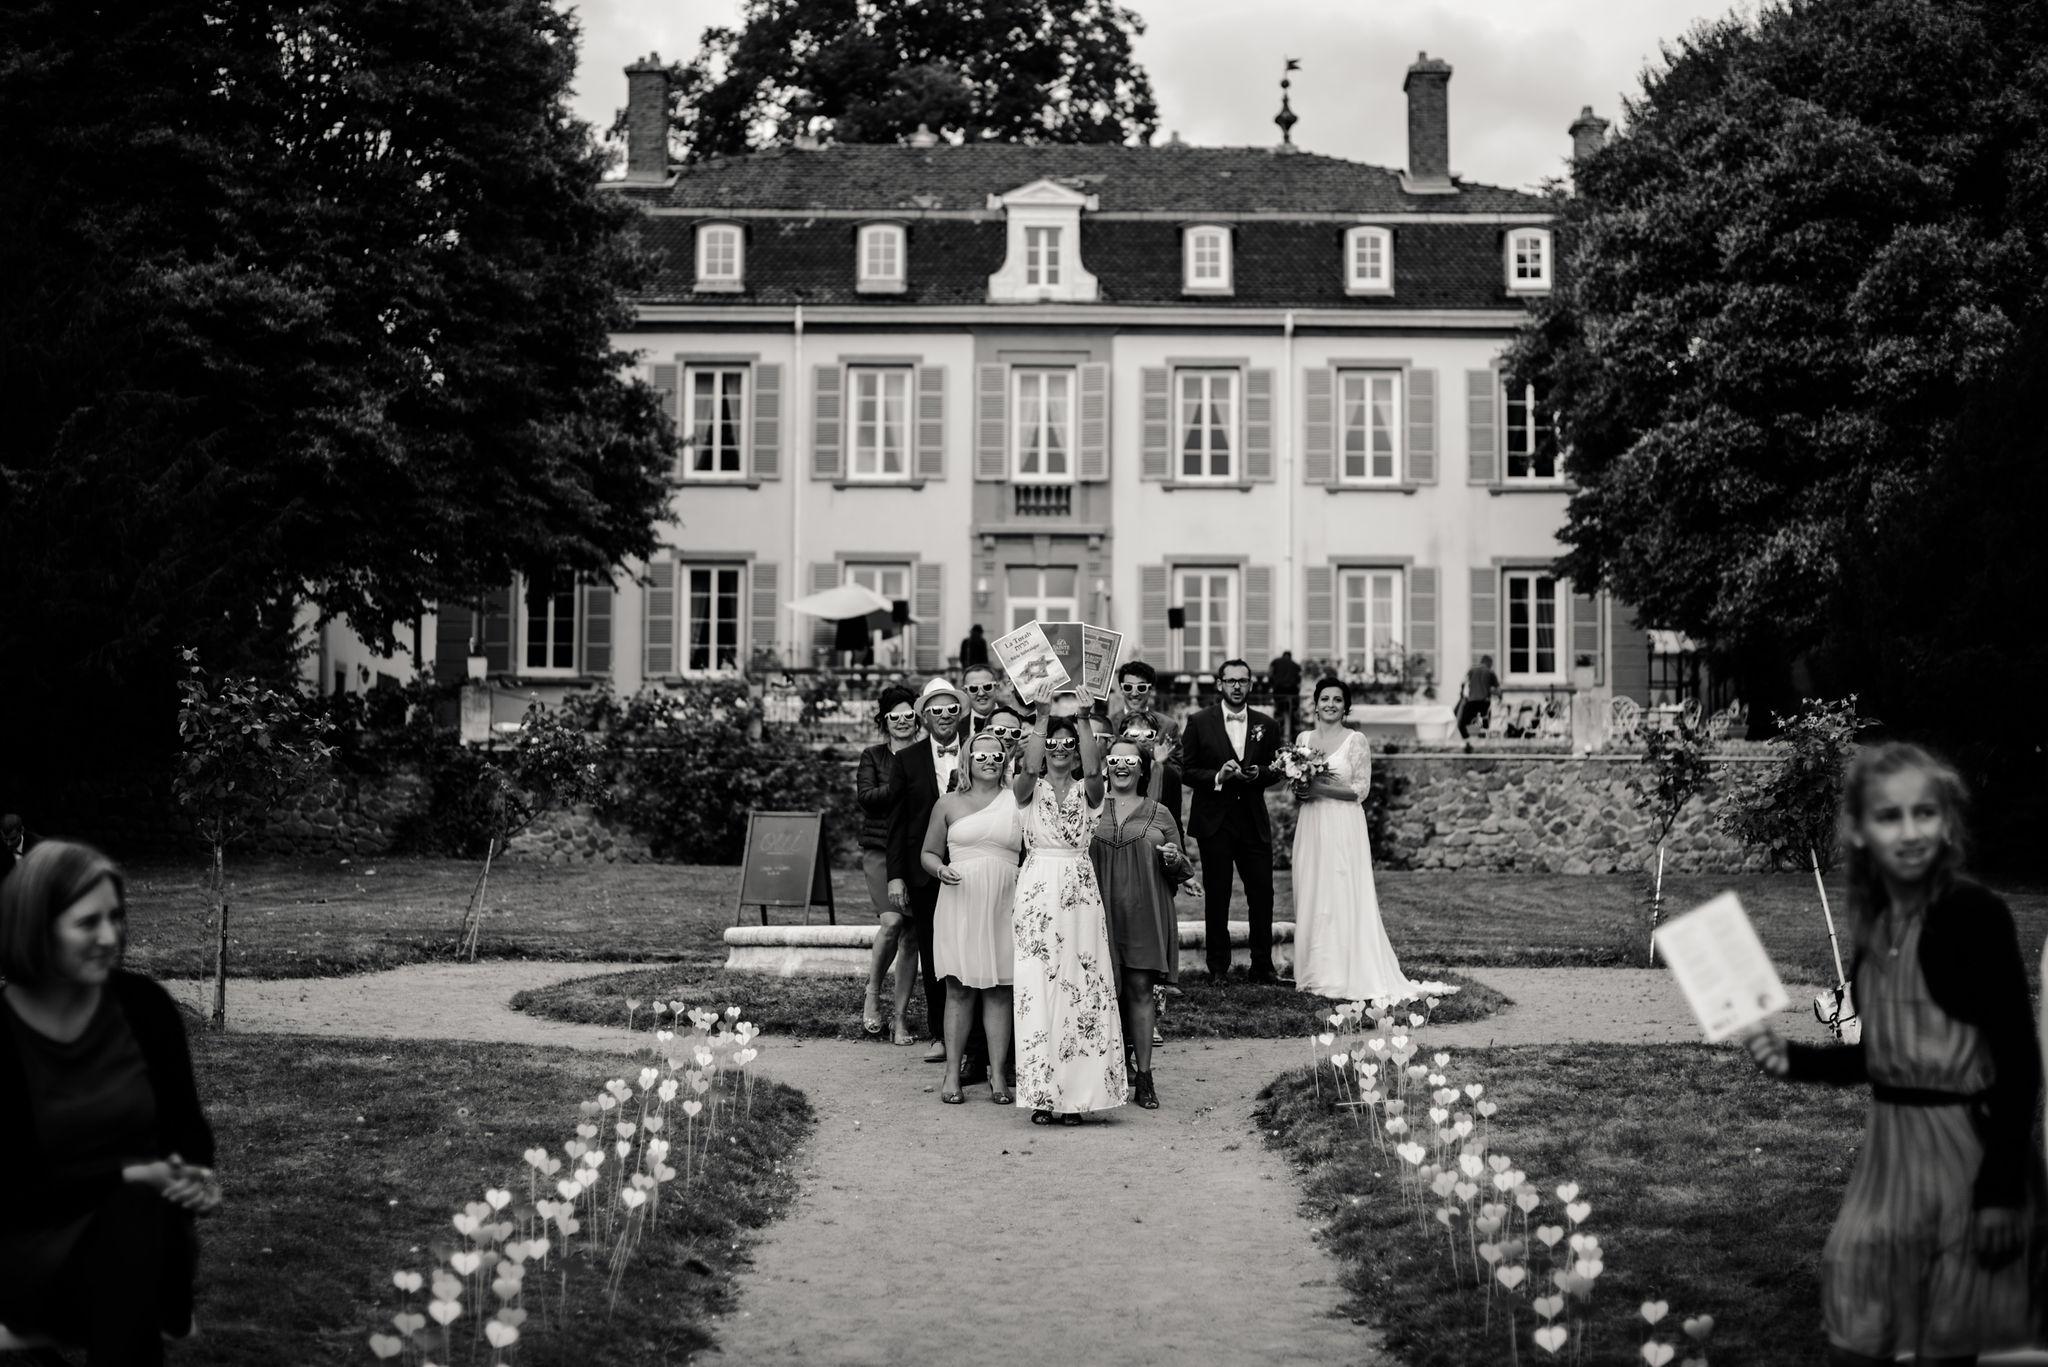 Léa-Fery-photographe-professionnel-lyon-rhone-alpes-portrait-creation-mariage-evenement-evenementiel-famille-6809.jpg